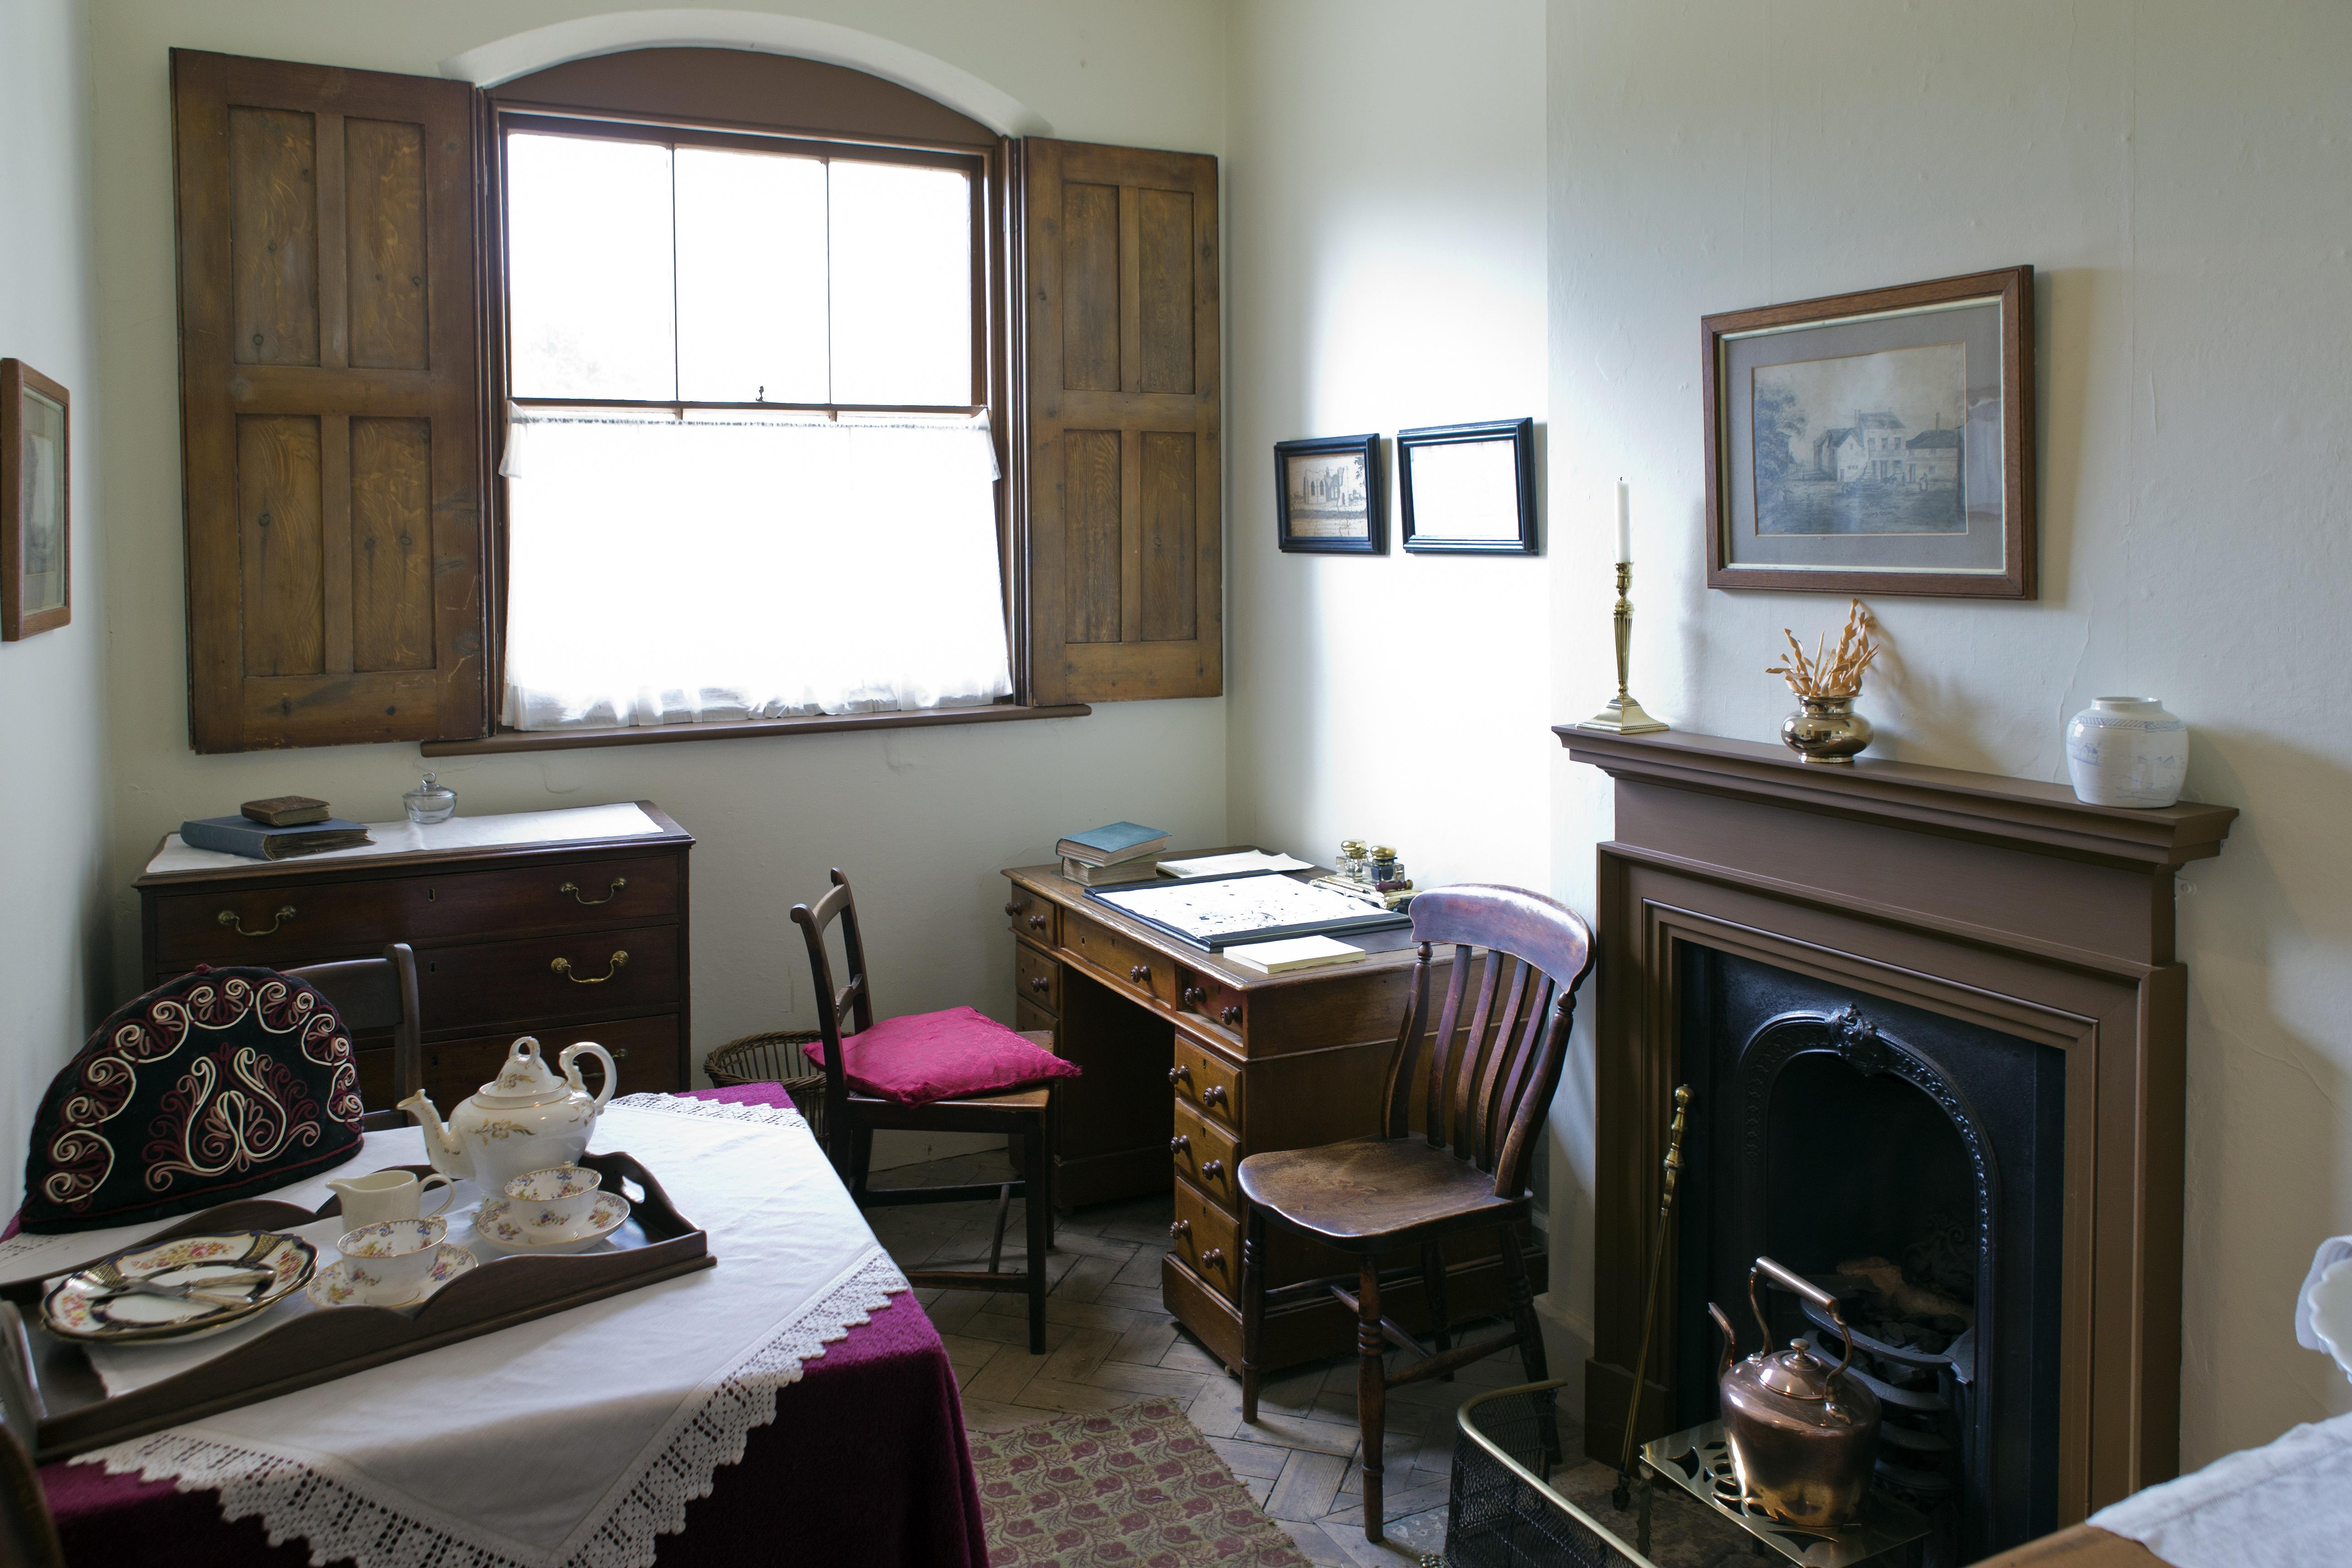 proprit salon chambre appartement design dintrieur chaises biens victorien suite immobilier salle manger commode majestueuse maison